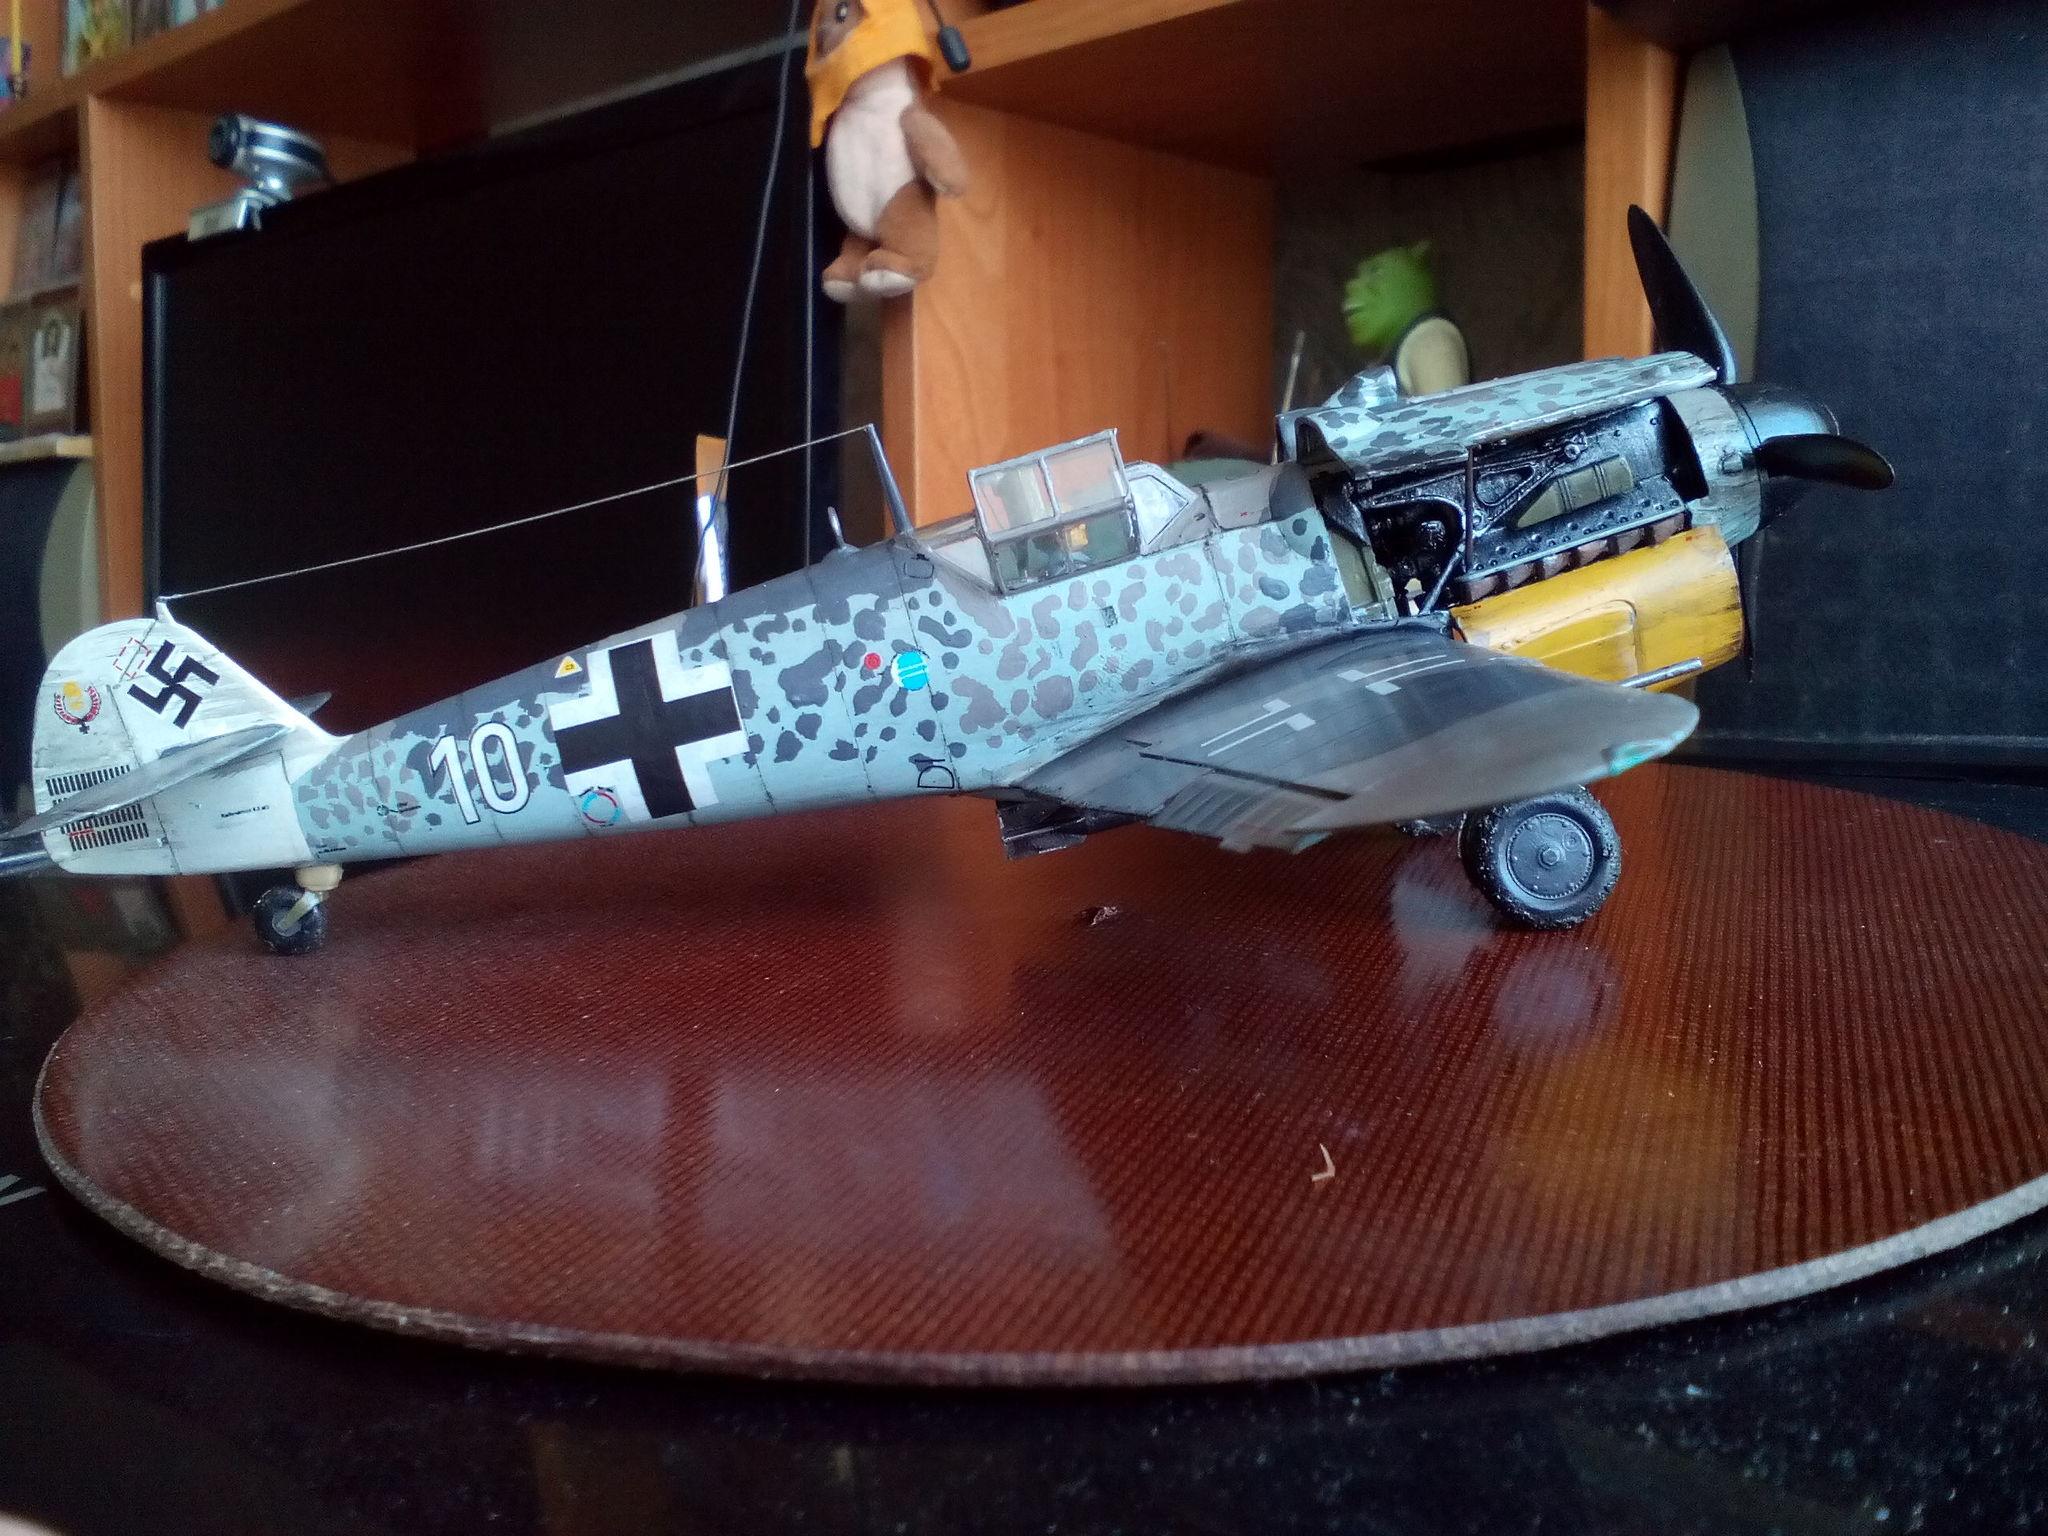 Обои Подвесной топливный бак, gustav, bf-109, мesserschmitt, б-17, Bf.109G-10, бомбардировщик. Авиация foto 11